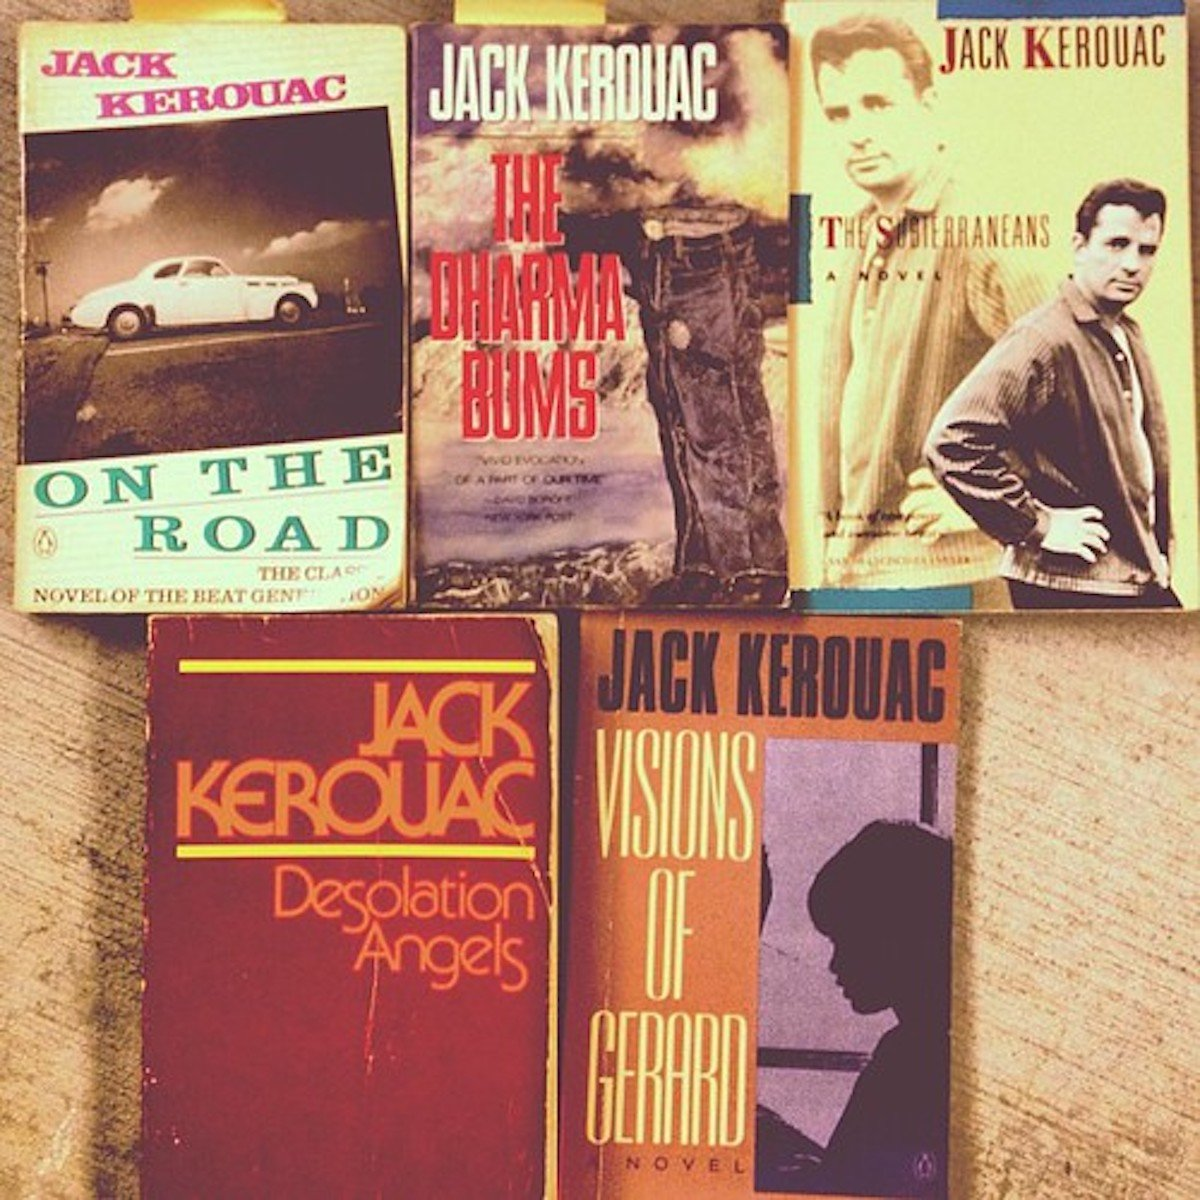 サンフランシスコのレトロな街に隠された「ジャック・ケルアック」の ...